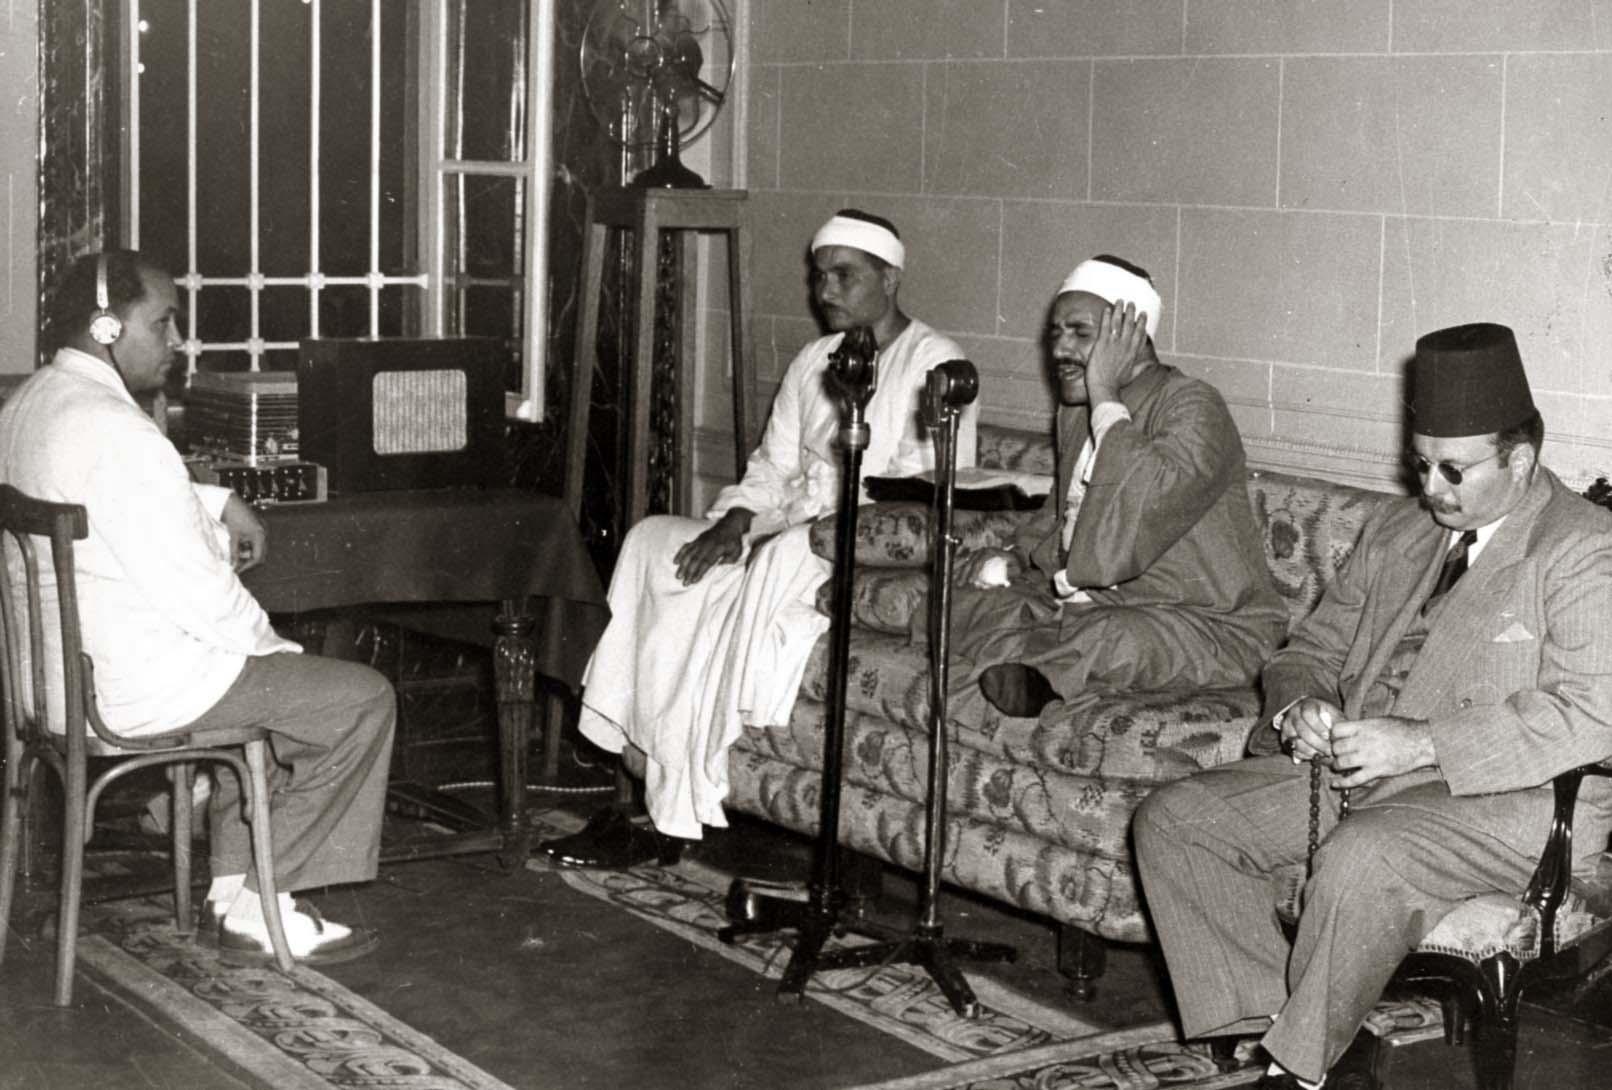 نتيجة بحث الصور عن الشيخ مصطفى إسماعيل+الملك فاروق